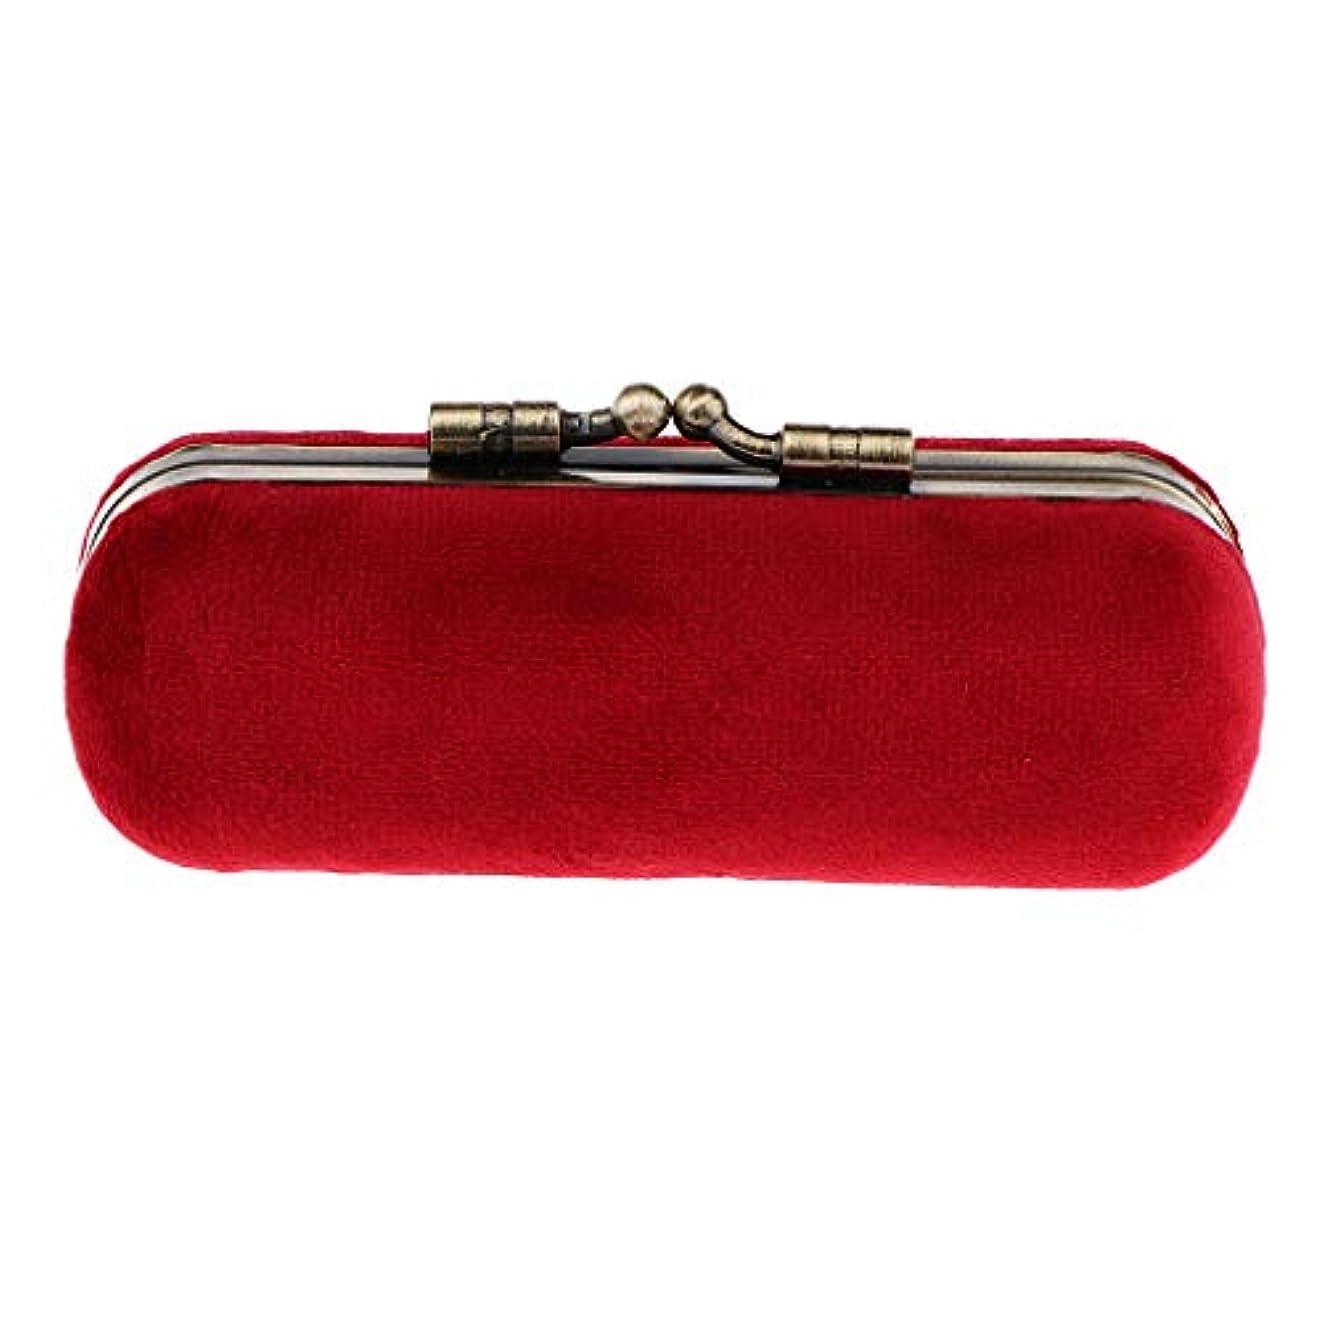 洞察力のある気づく卑しいP Prettyia 8色 口紅ホルダー 化粧ケース 収納ボックス ミラー 財布ポケット 化粧ポーチ - 赤紫